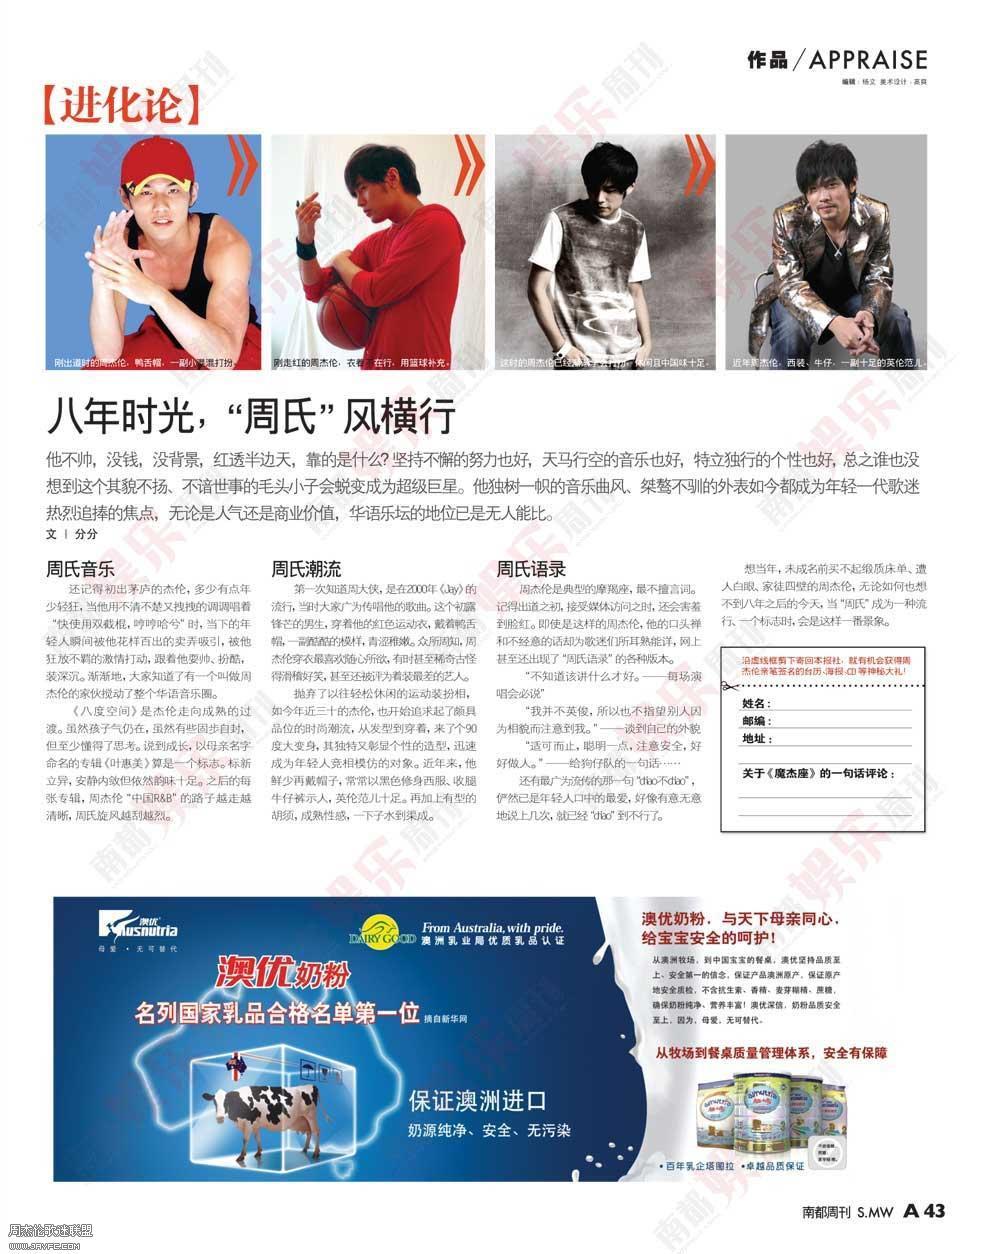 南都娱乐周刊封面+内页 人气:1089